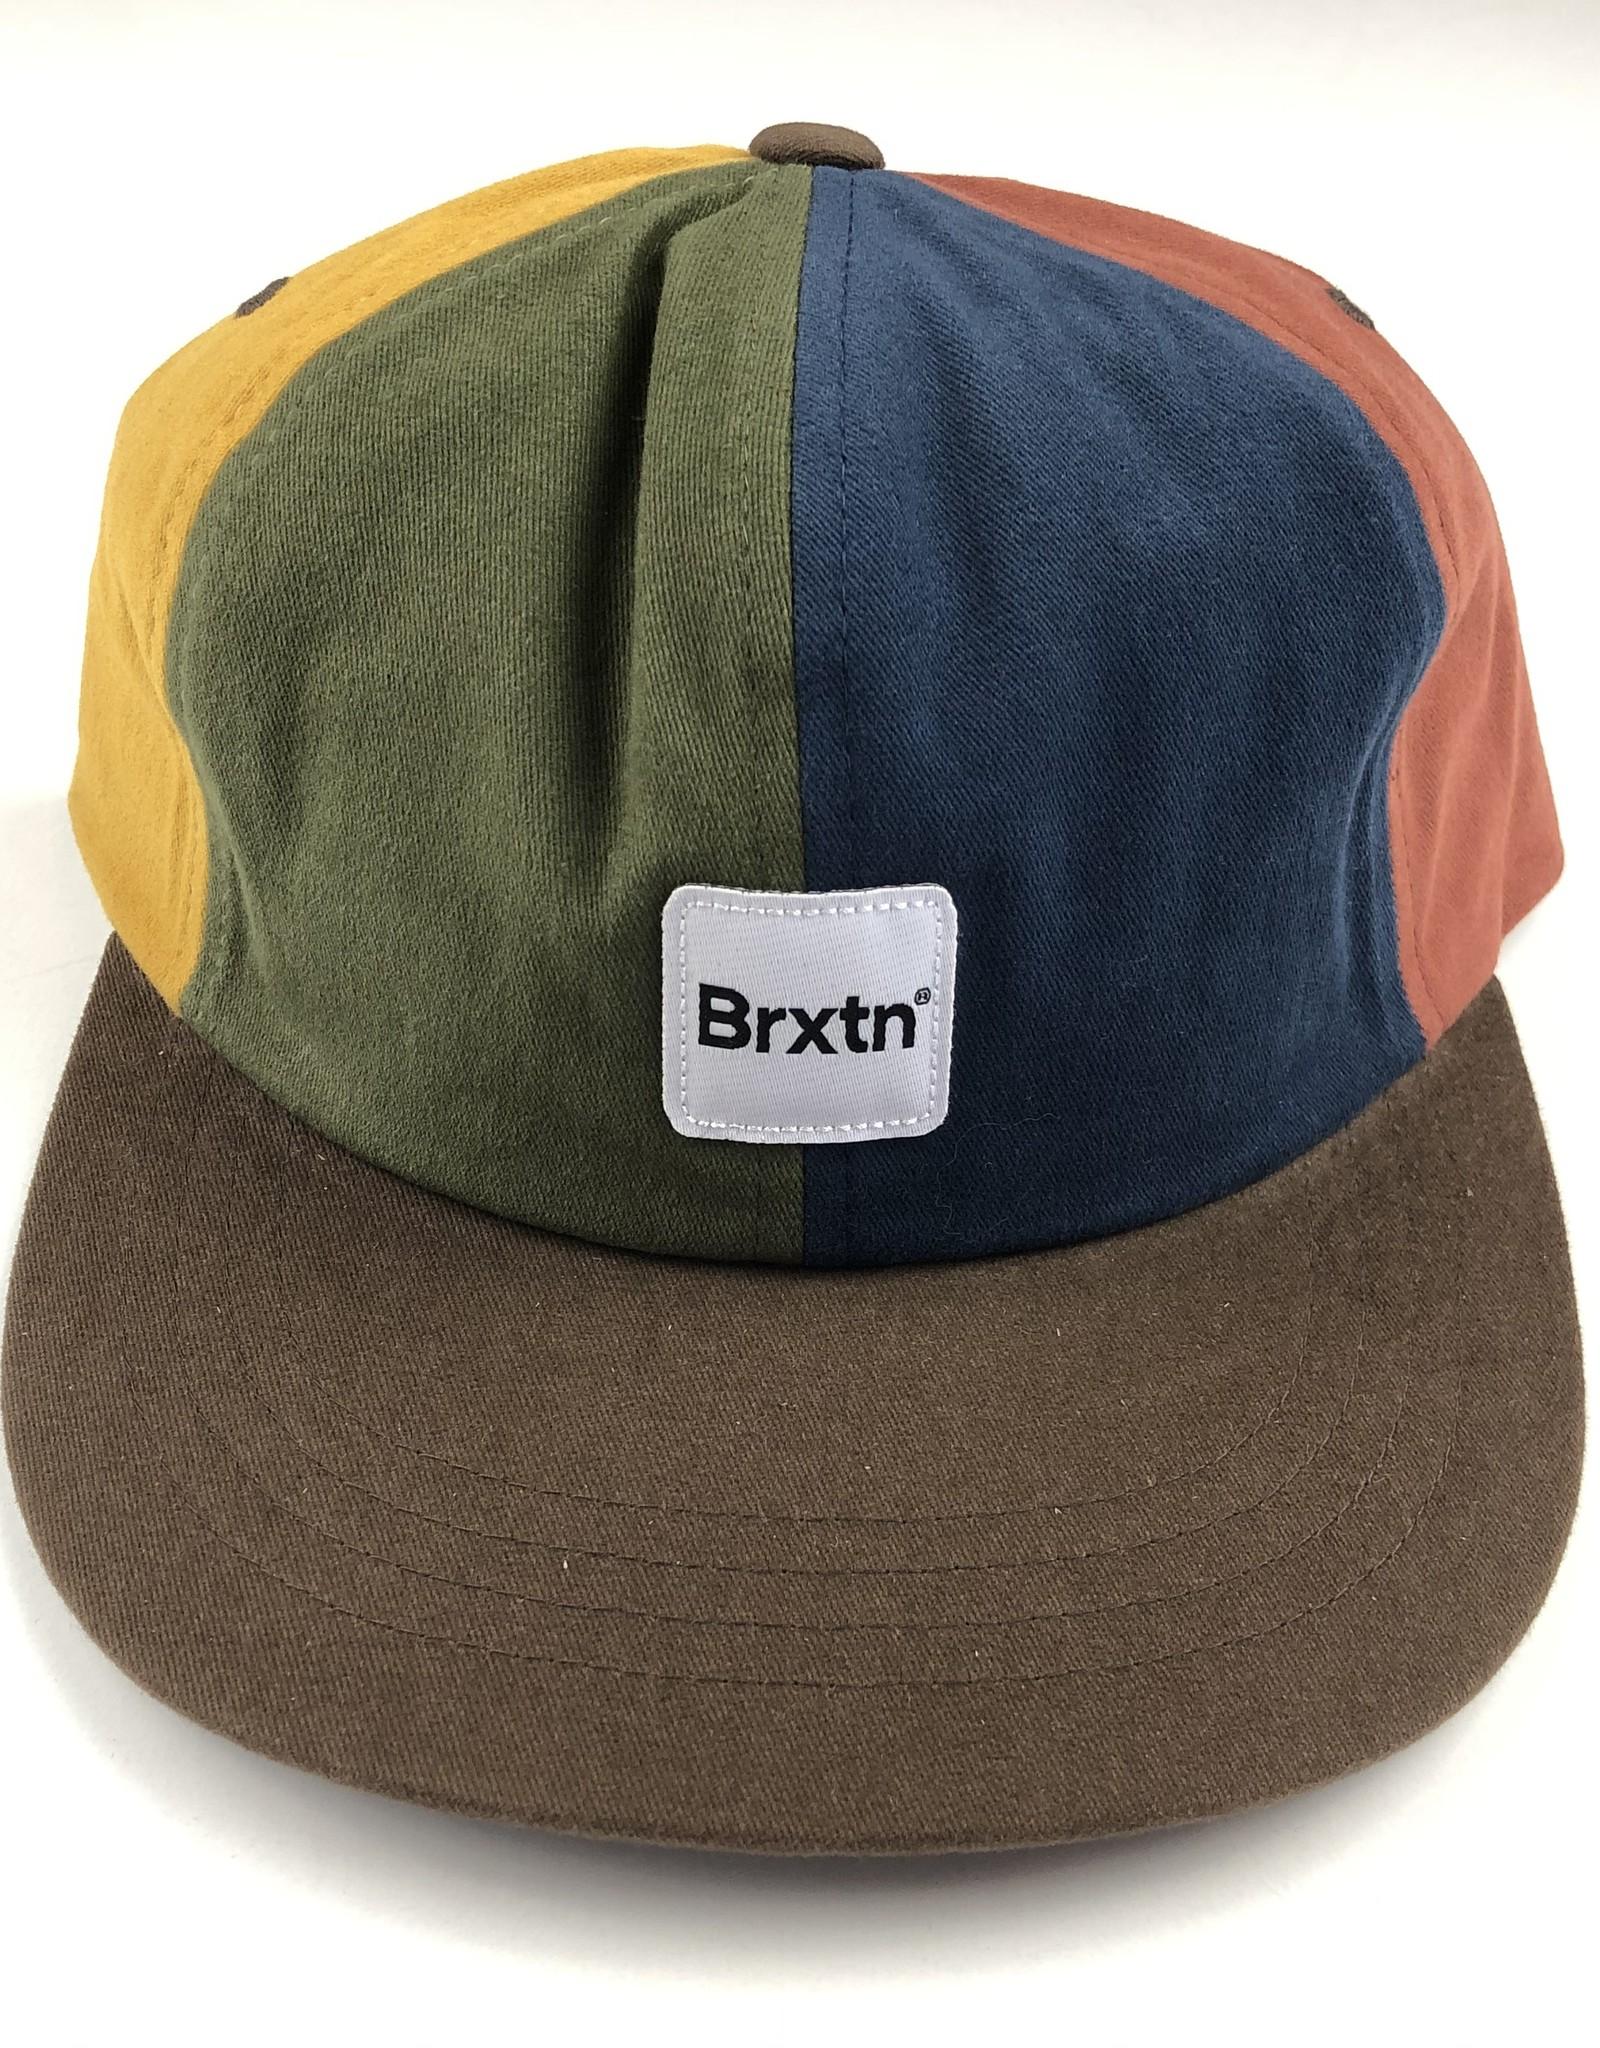 BRIXTON BRIXTON GATE 2 LP CAP HAT - MULTI